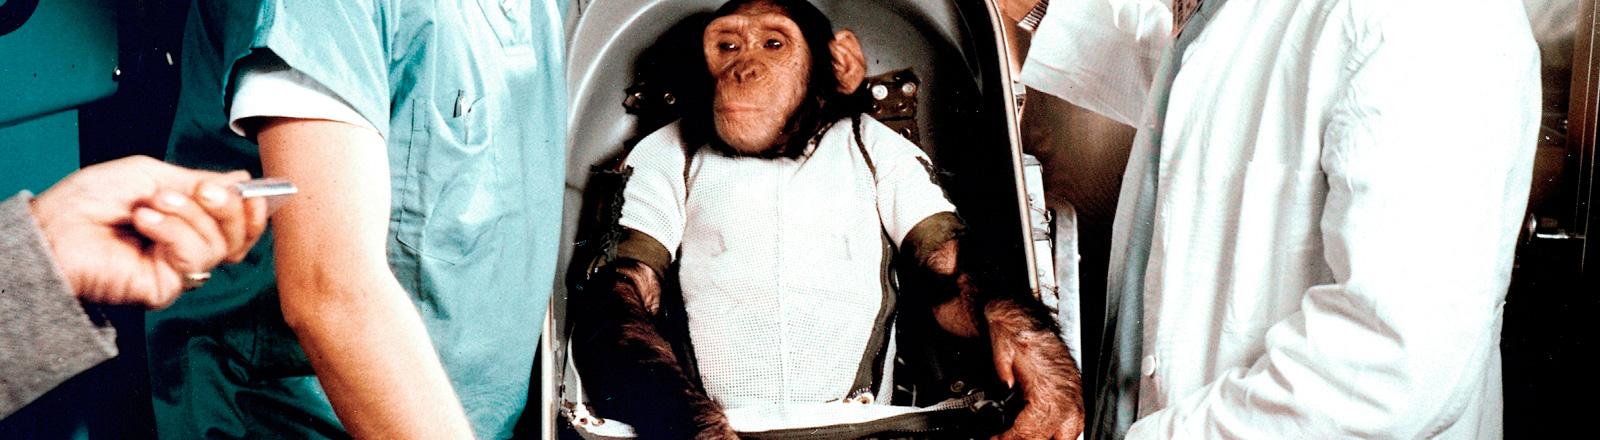 Schimpanse Ham wird 1961 von der Nasa ins All geschickt.